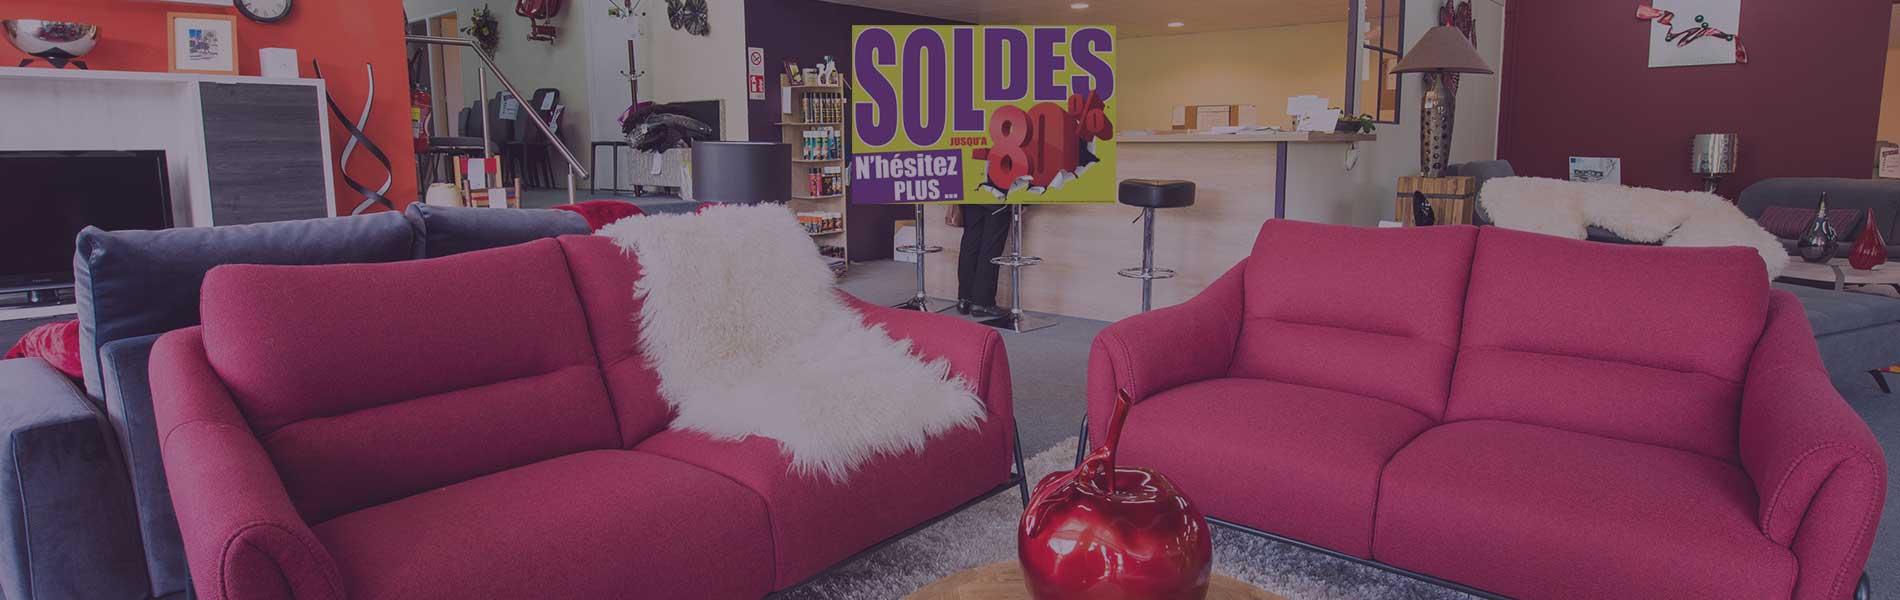 SOLDES été 2019 - Magasin de meubles